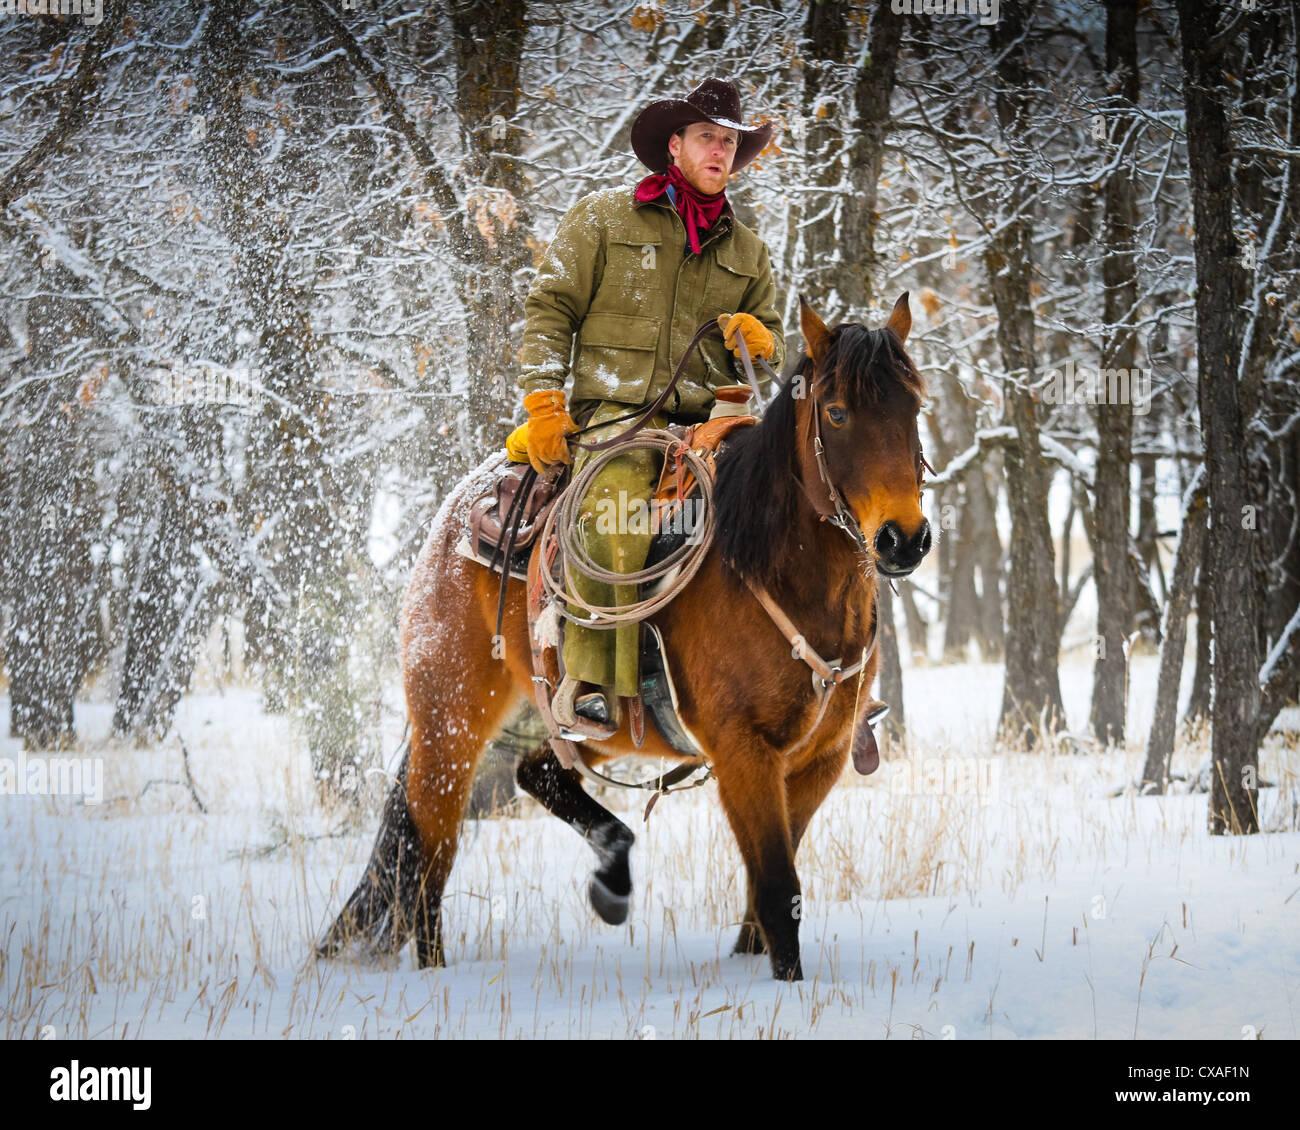 Cowboy auf seinem Pferd auf einer Ranch im nordöstlichen Wyoming Stockbild